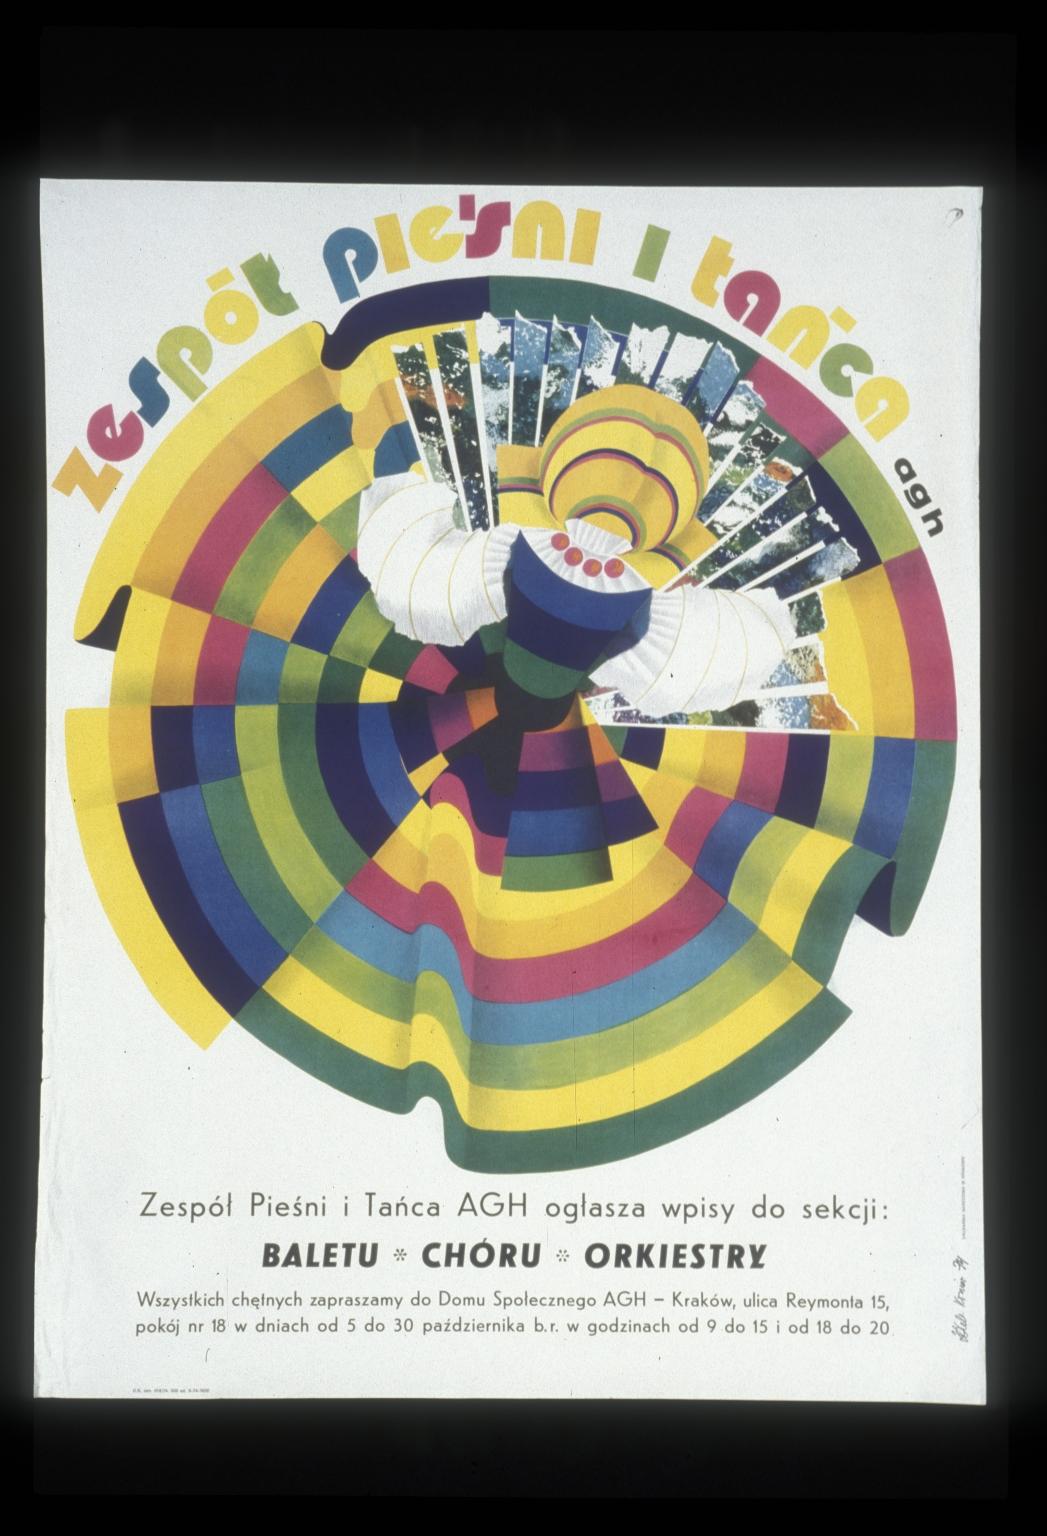 Zespol Piesni i Tanca AGH: Zespol Piesni i Tanca AGH oglasza wpisy do sekcji baletu, choru, orkiestry : wszystkich chetnych zapraszamy do domo spolecznego AGH, Krakow  od 5 do 30 pazdziernika